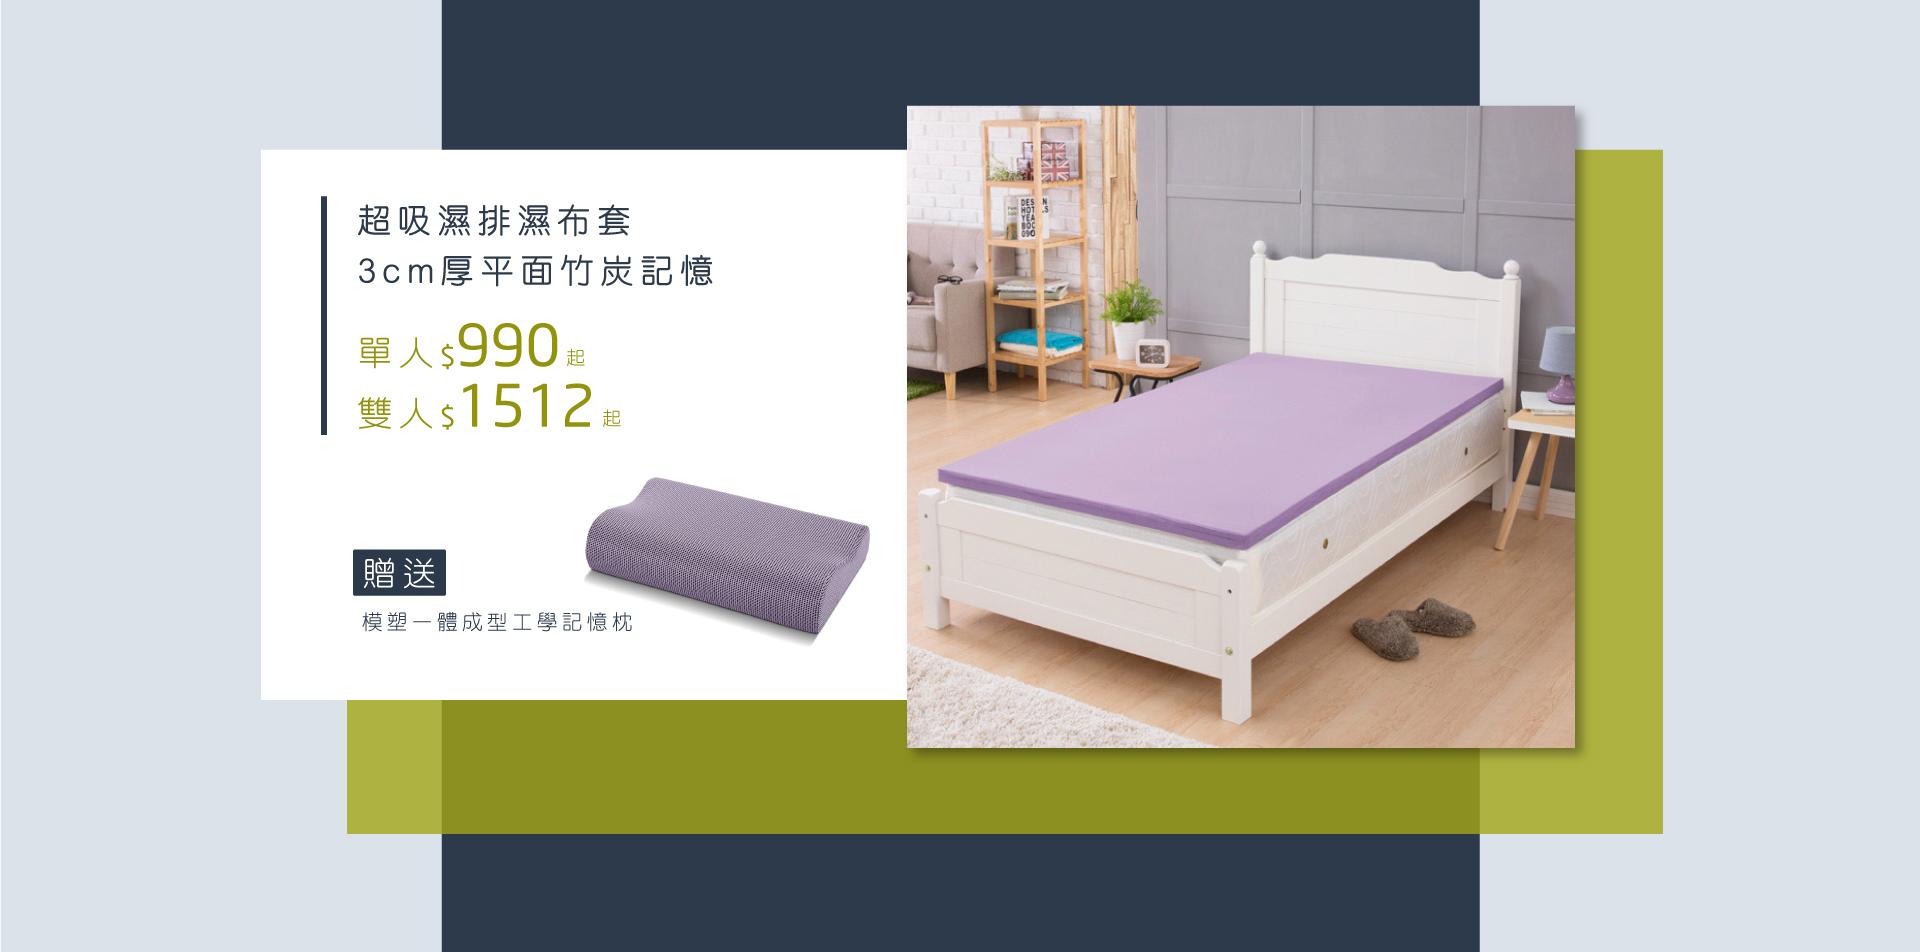 床墊,記憶床墊,3CM厚,竹炭記憶綿,超吸濕排濕布套